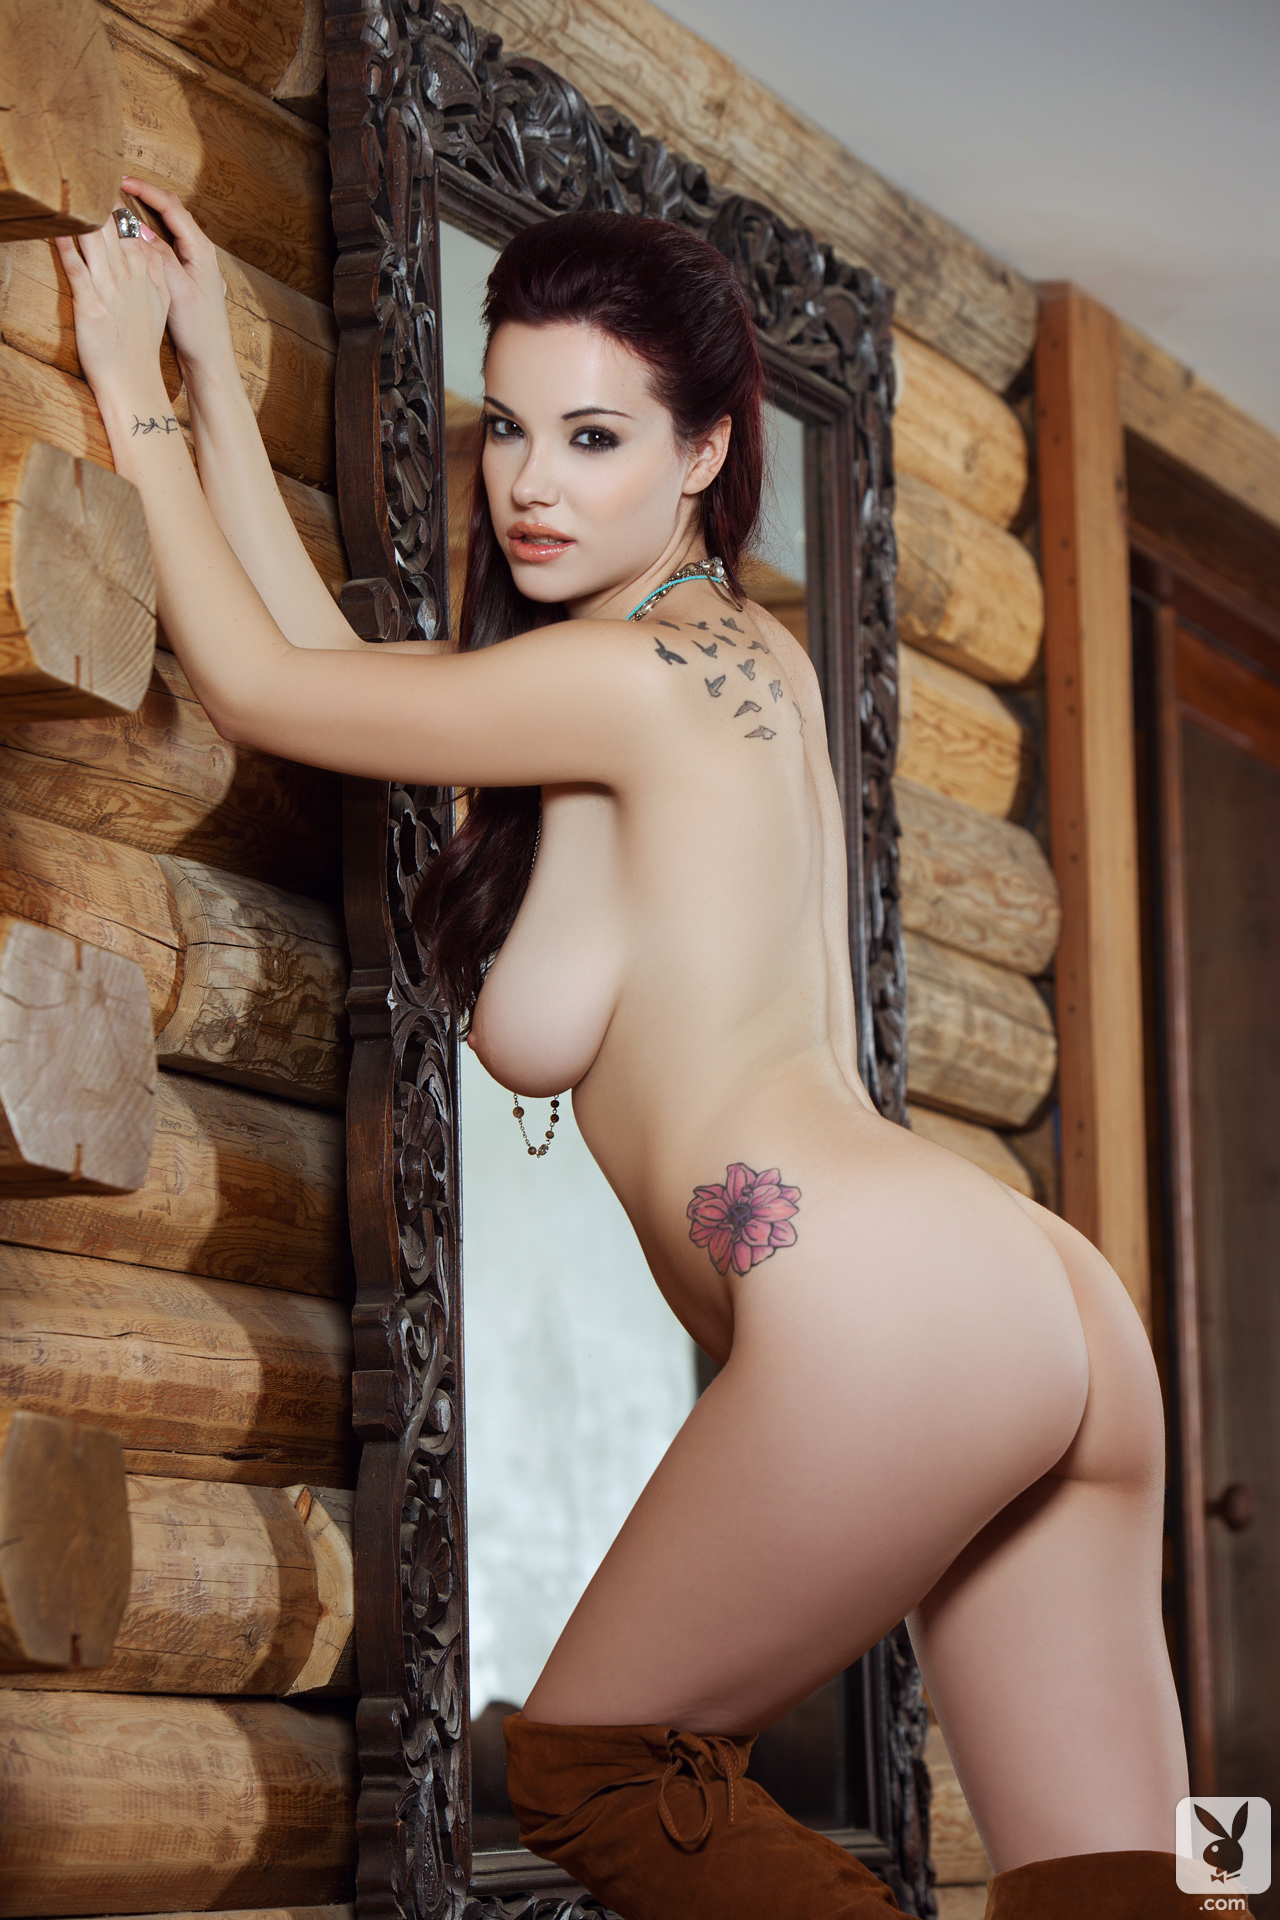 abhFsL6S Diosa de Playboy, Imperdible (0 puntos)